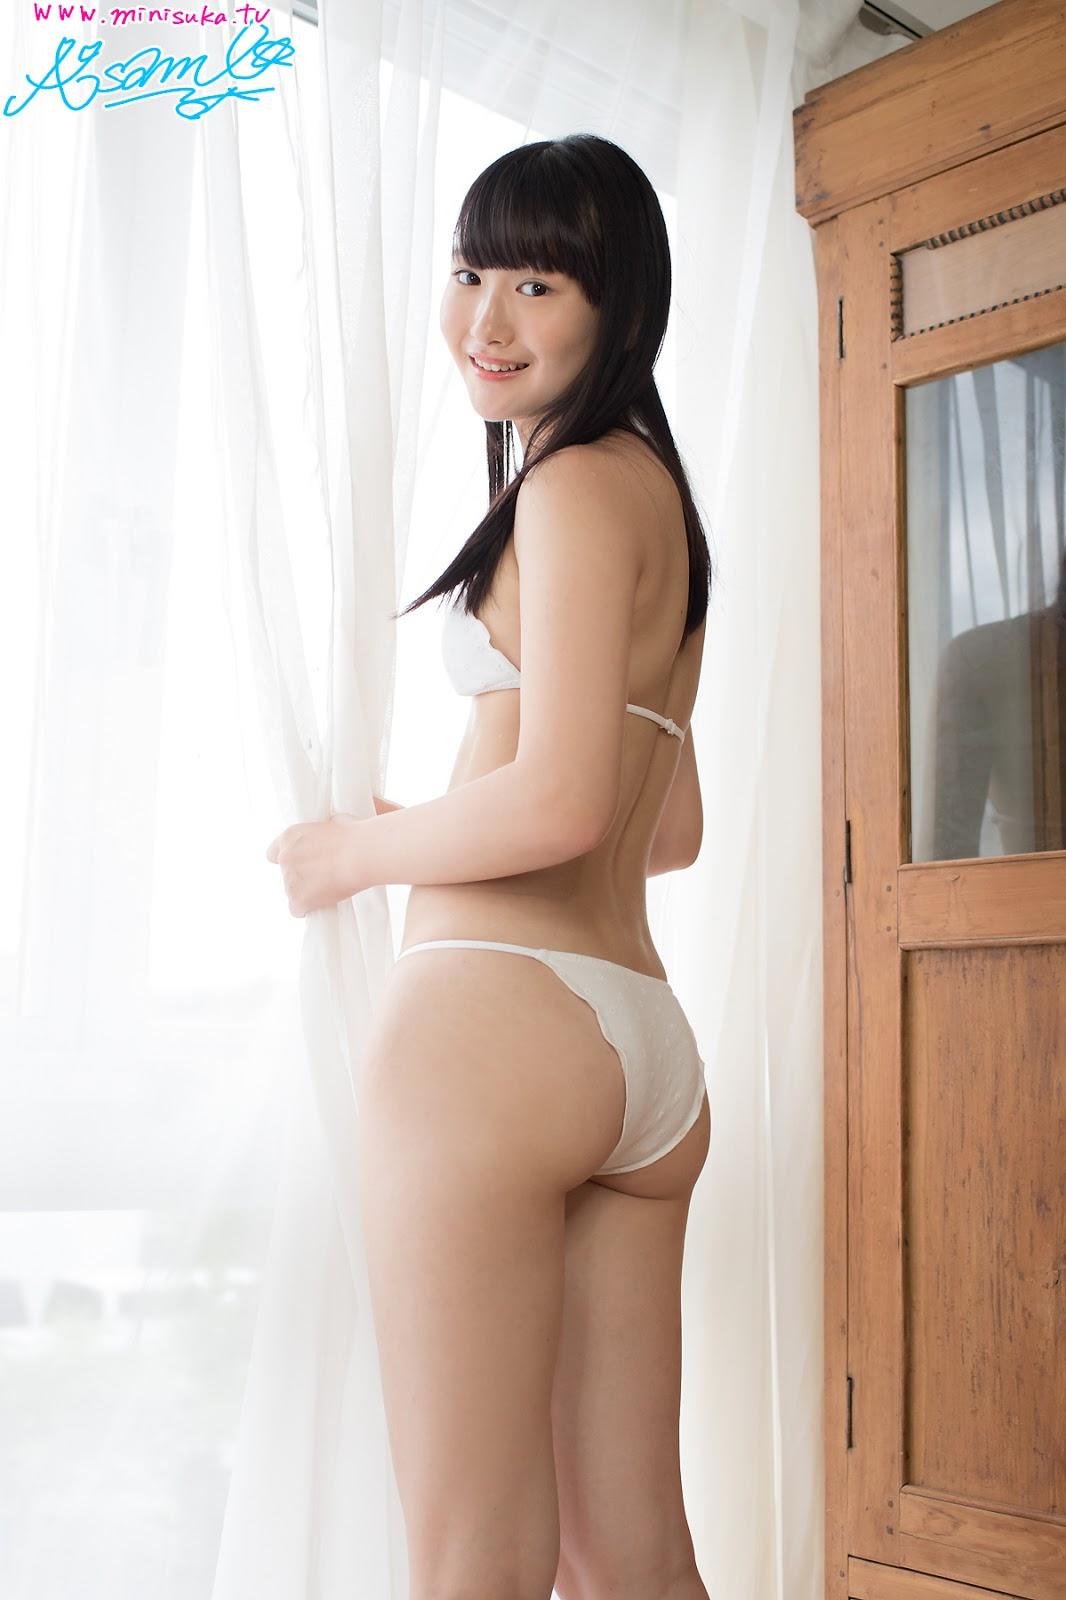 [Minisuka.tv] 2015-09-24 Asami Kondou - Limited Gallery 3 ...